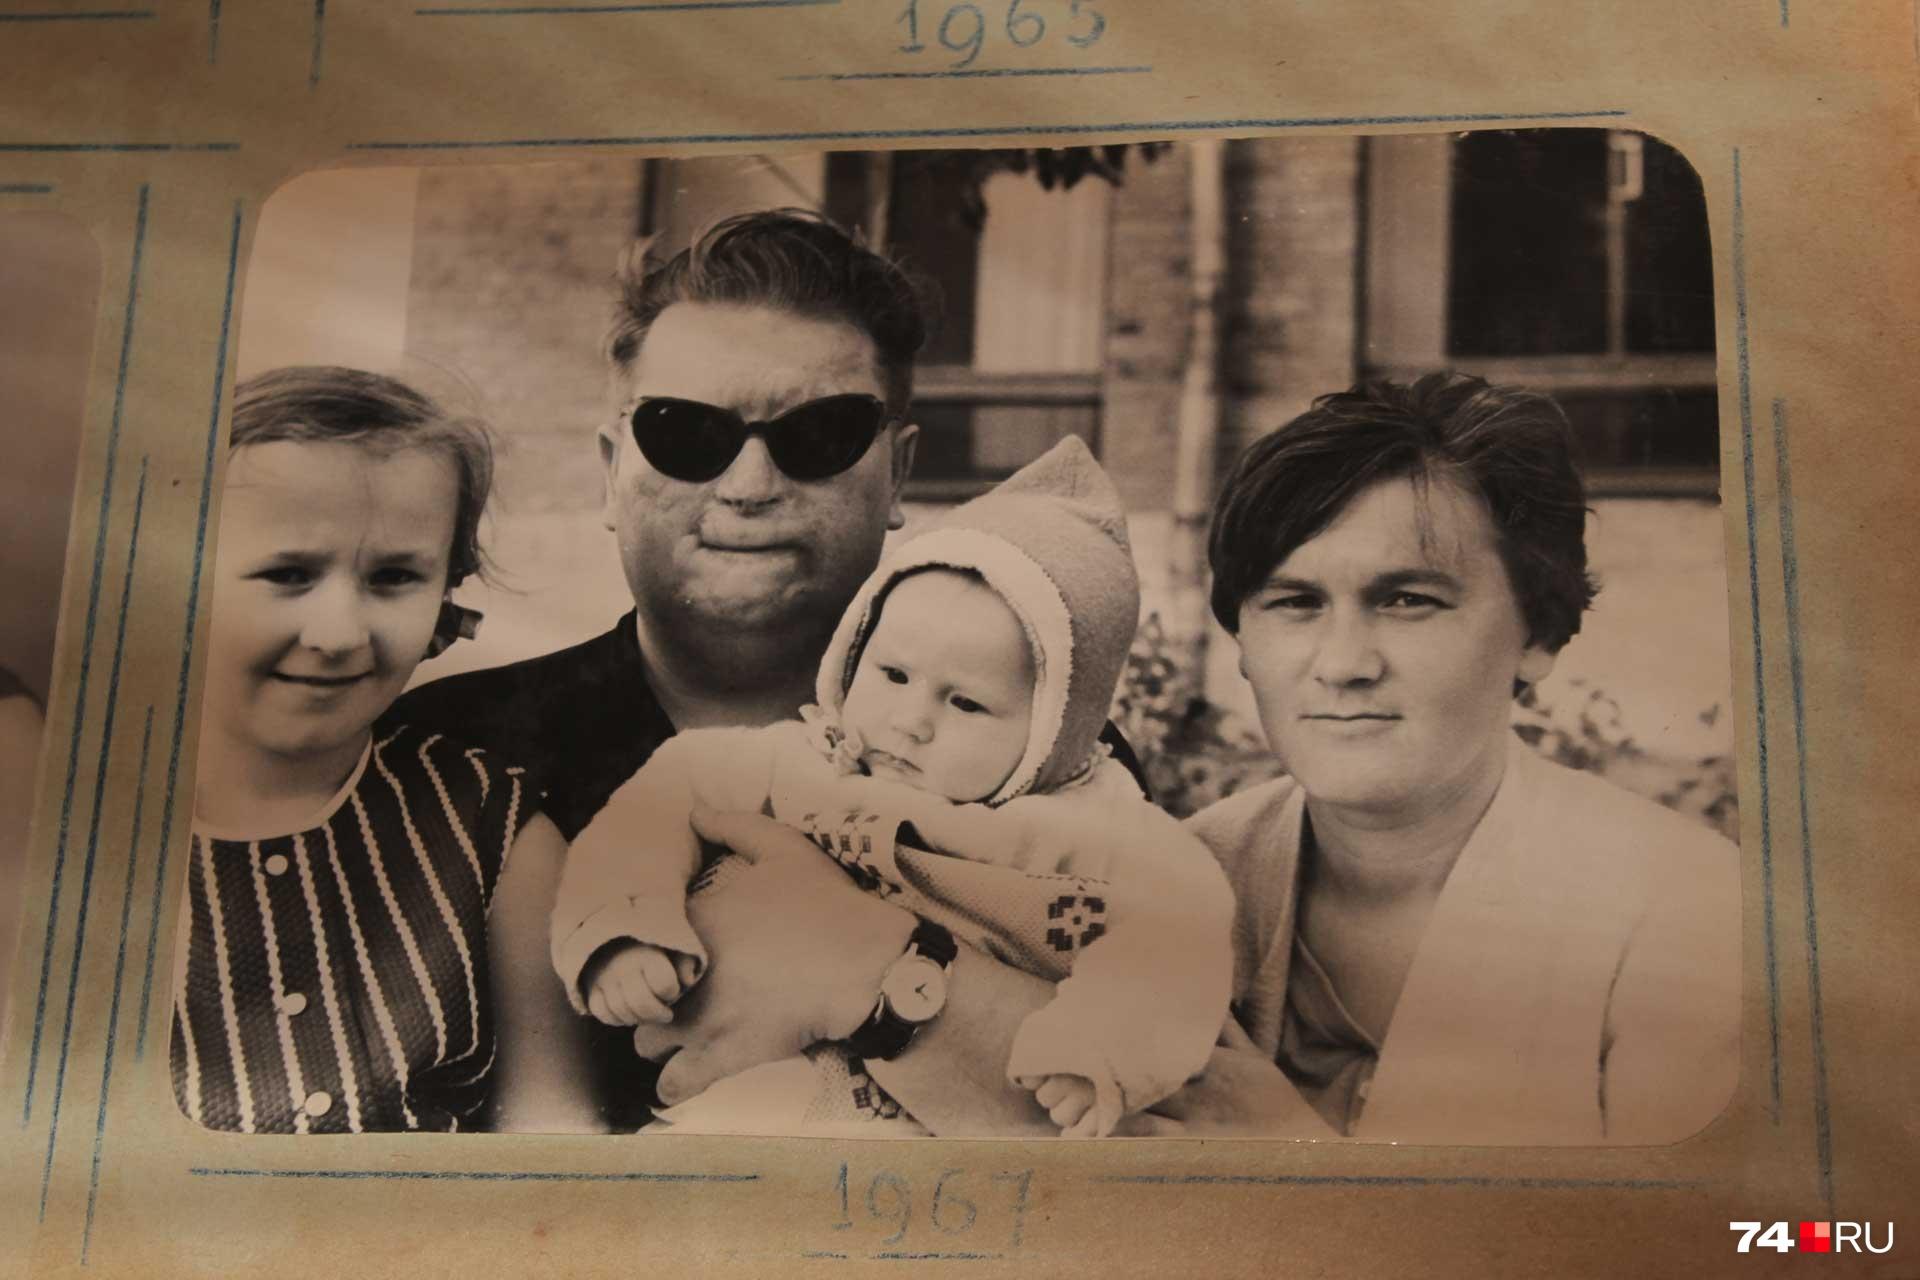 В начале 2000-х годов дочь Вишева погибла, а вскоре не стало и его жены